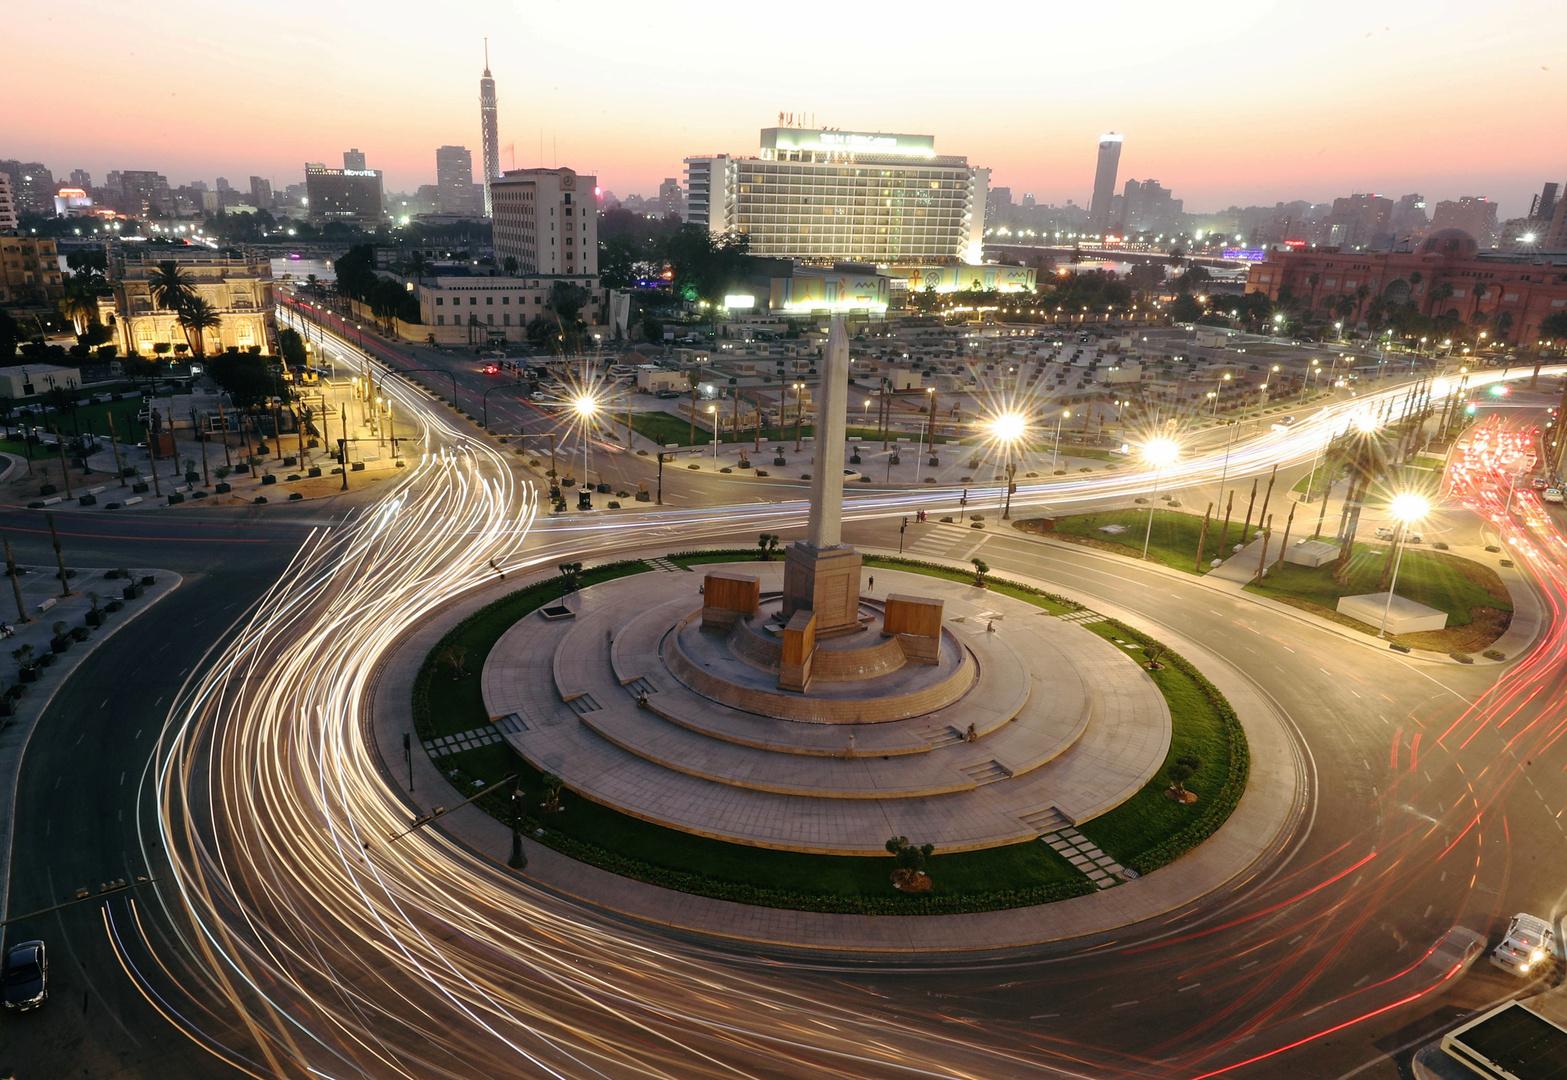 الإعلان عن قمة فلسطينية مصرية أردنية في القاهرة الخميس المقبل